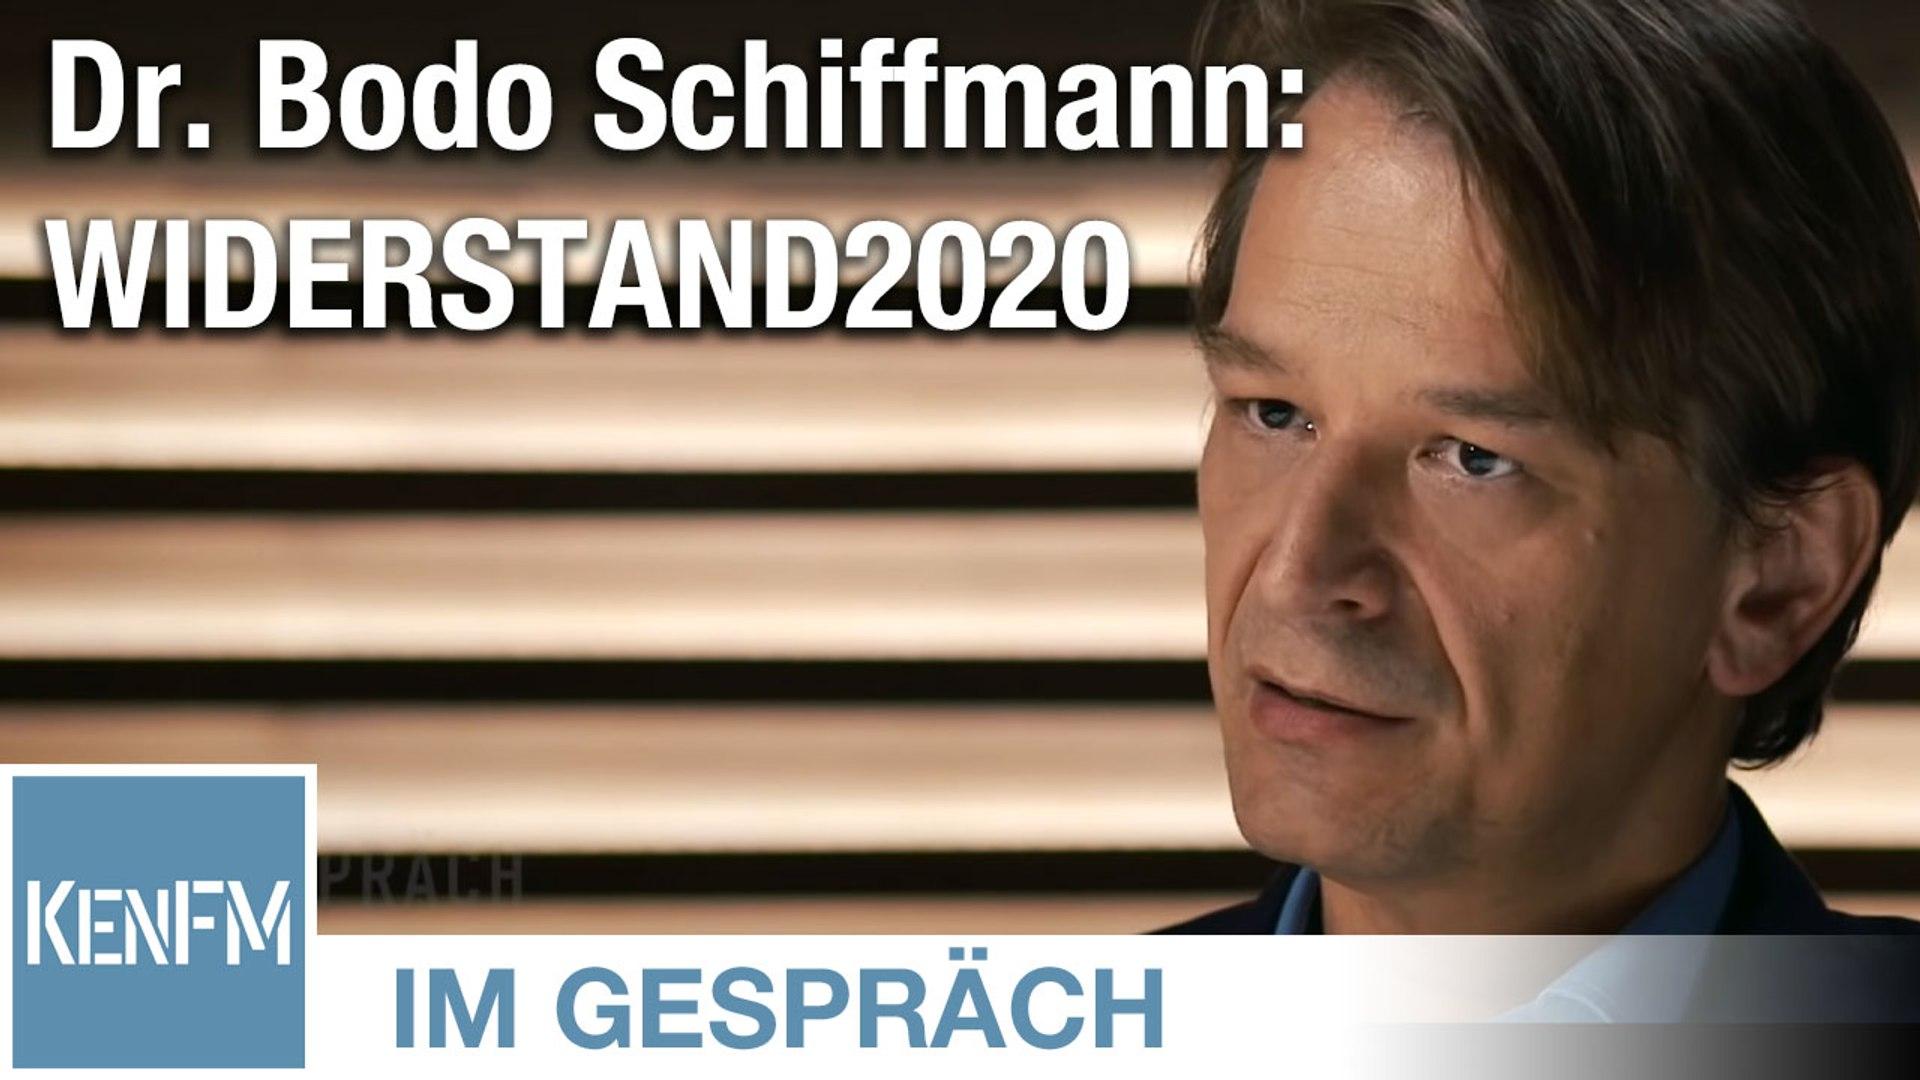 Im Gespräch: Dr. Bodo Schiffmann (Widerstand2020)